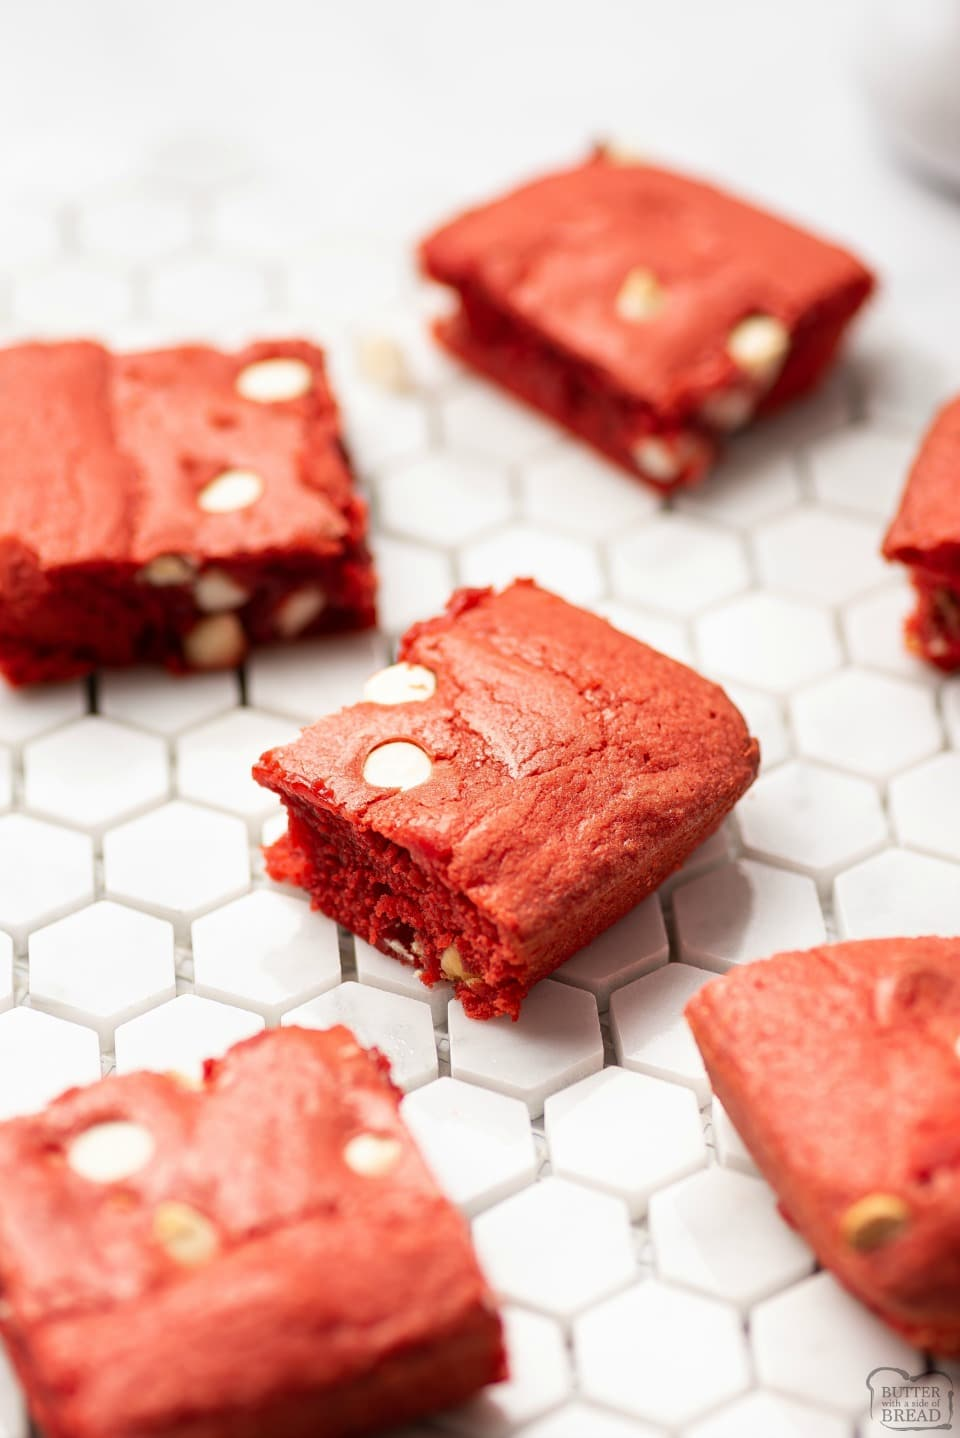 Homemade Red Velvet Brownies recipe